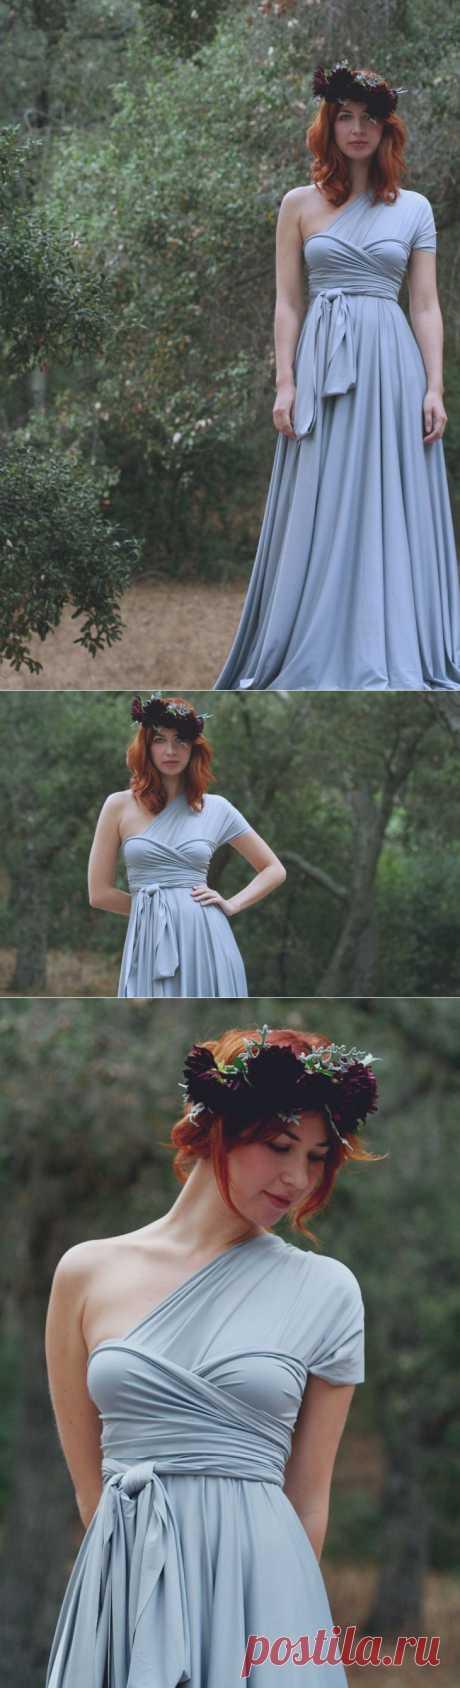 Платье без единого шва / Трансформеры / Модный сайт о стильной переделке одежды и интерьера